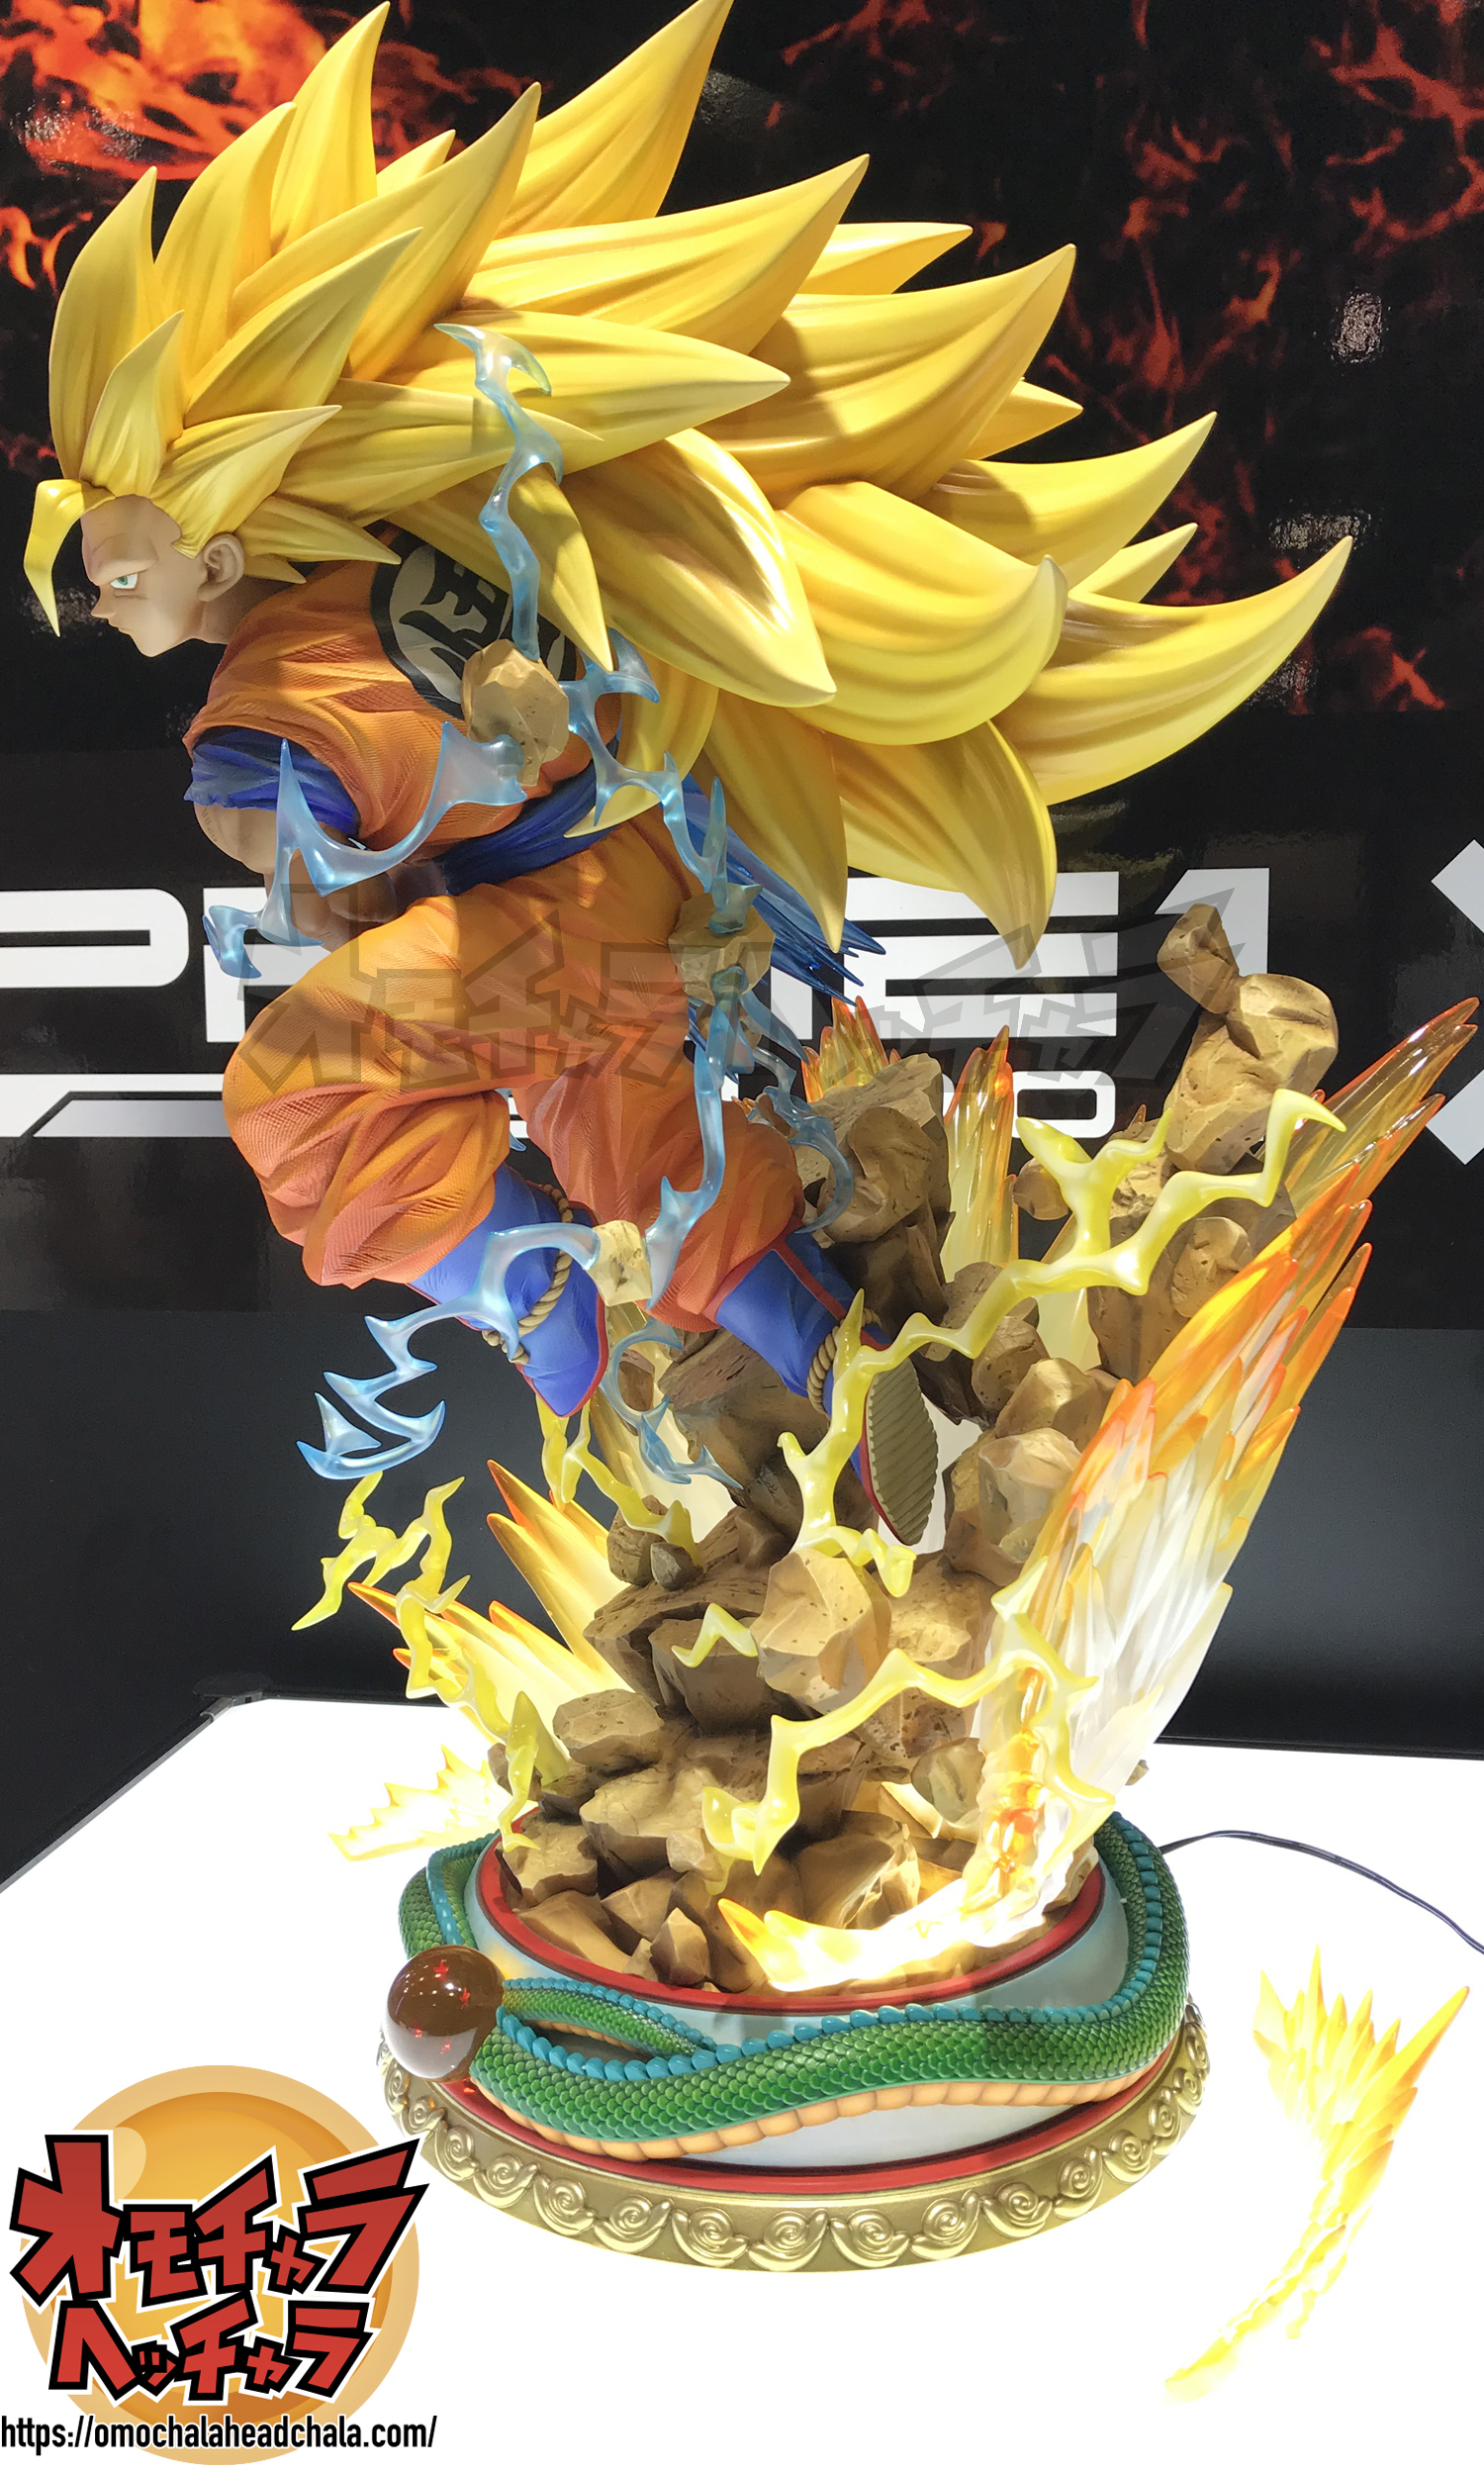 ドラゴンボールフィギュアレビューブログのPrime1Studioプライムワン×MegaHouseメガハウス ドラゴンボールZ 超サイヤ人3孫悟空